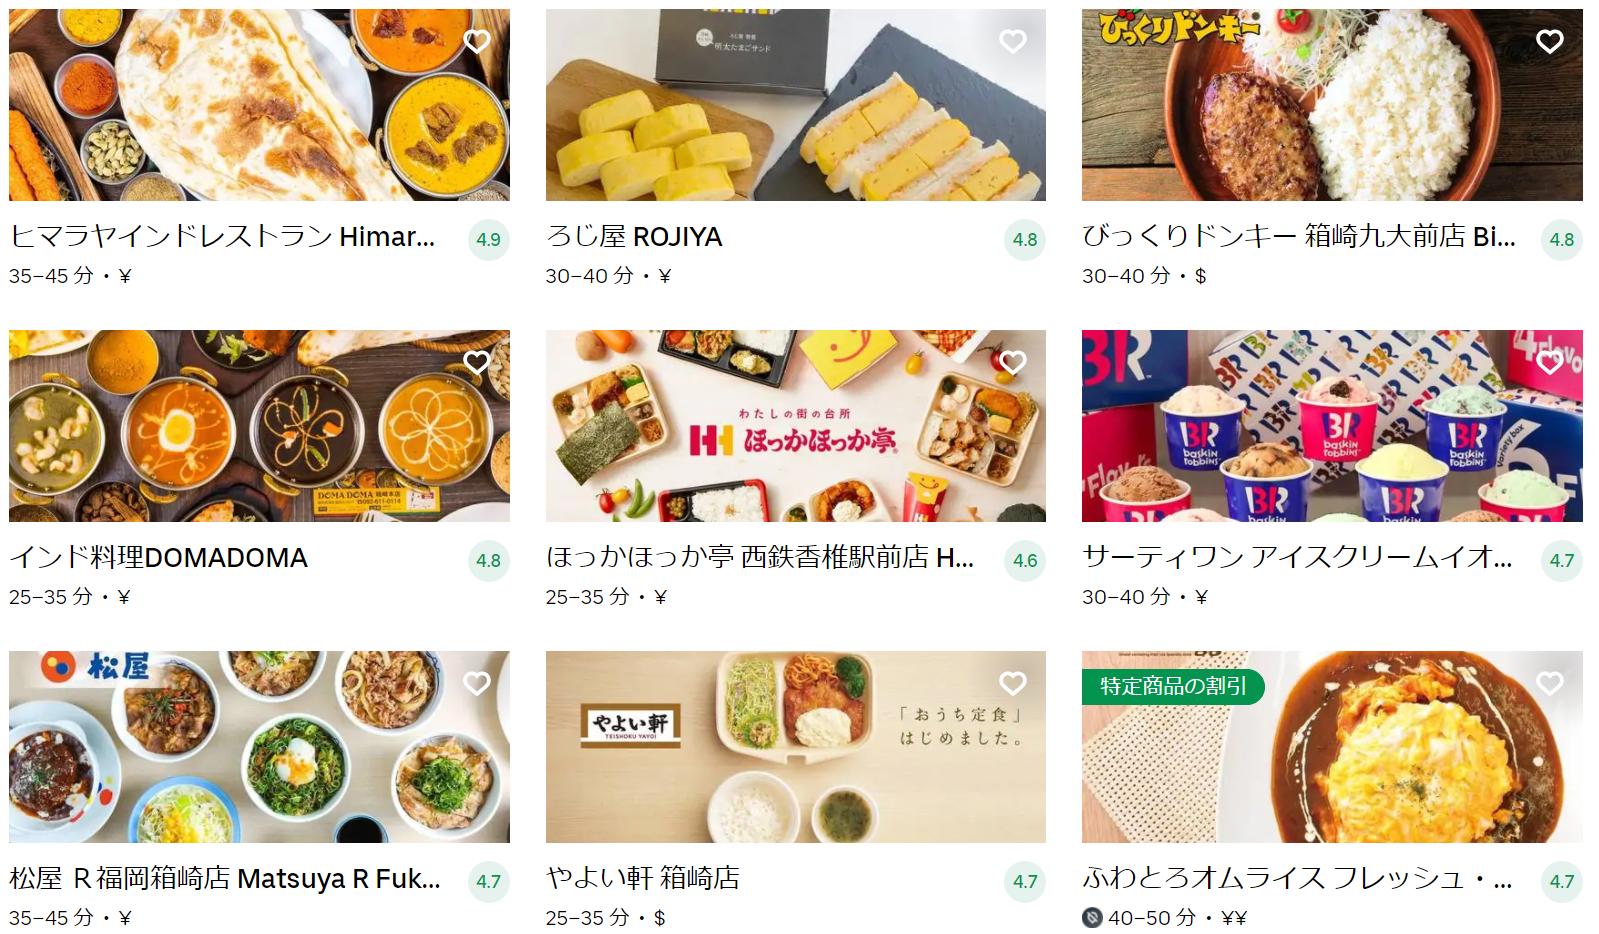 福岡市東区エリアのおすすめUber Eats(ウーバーイーツ)メニュー